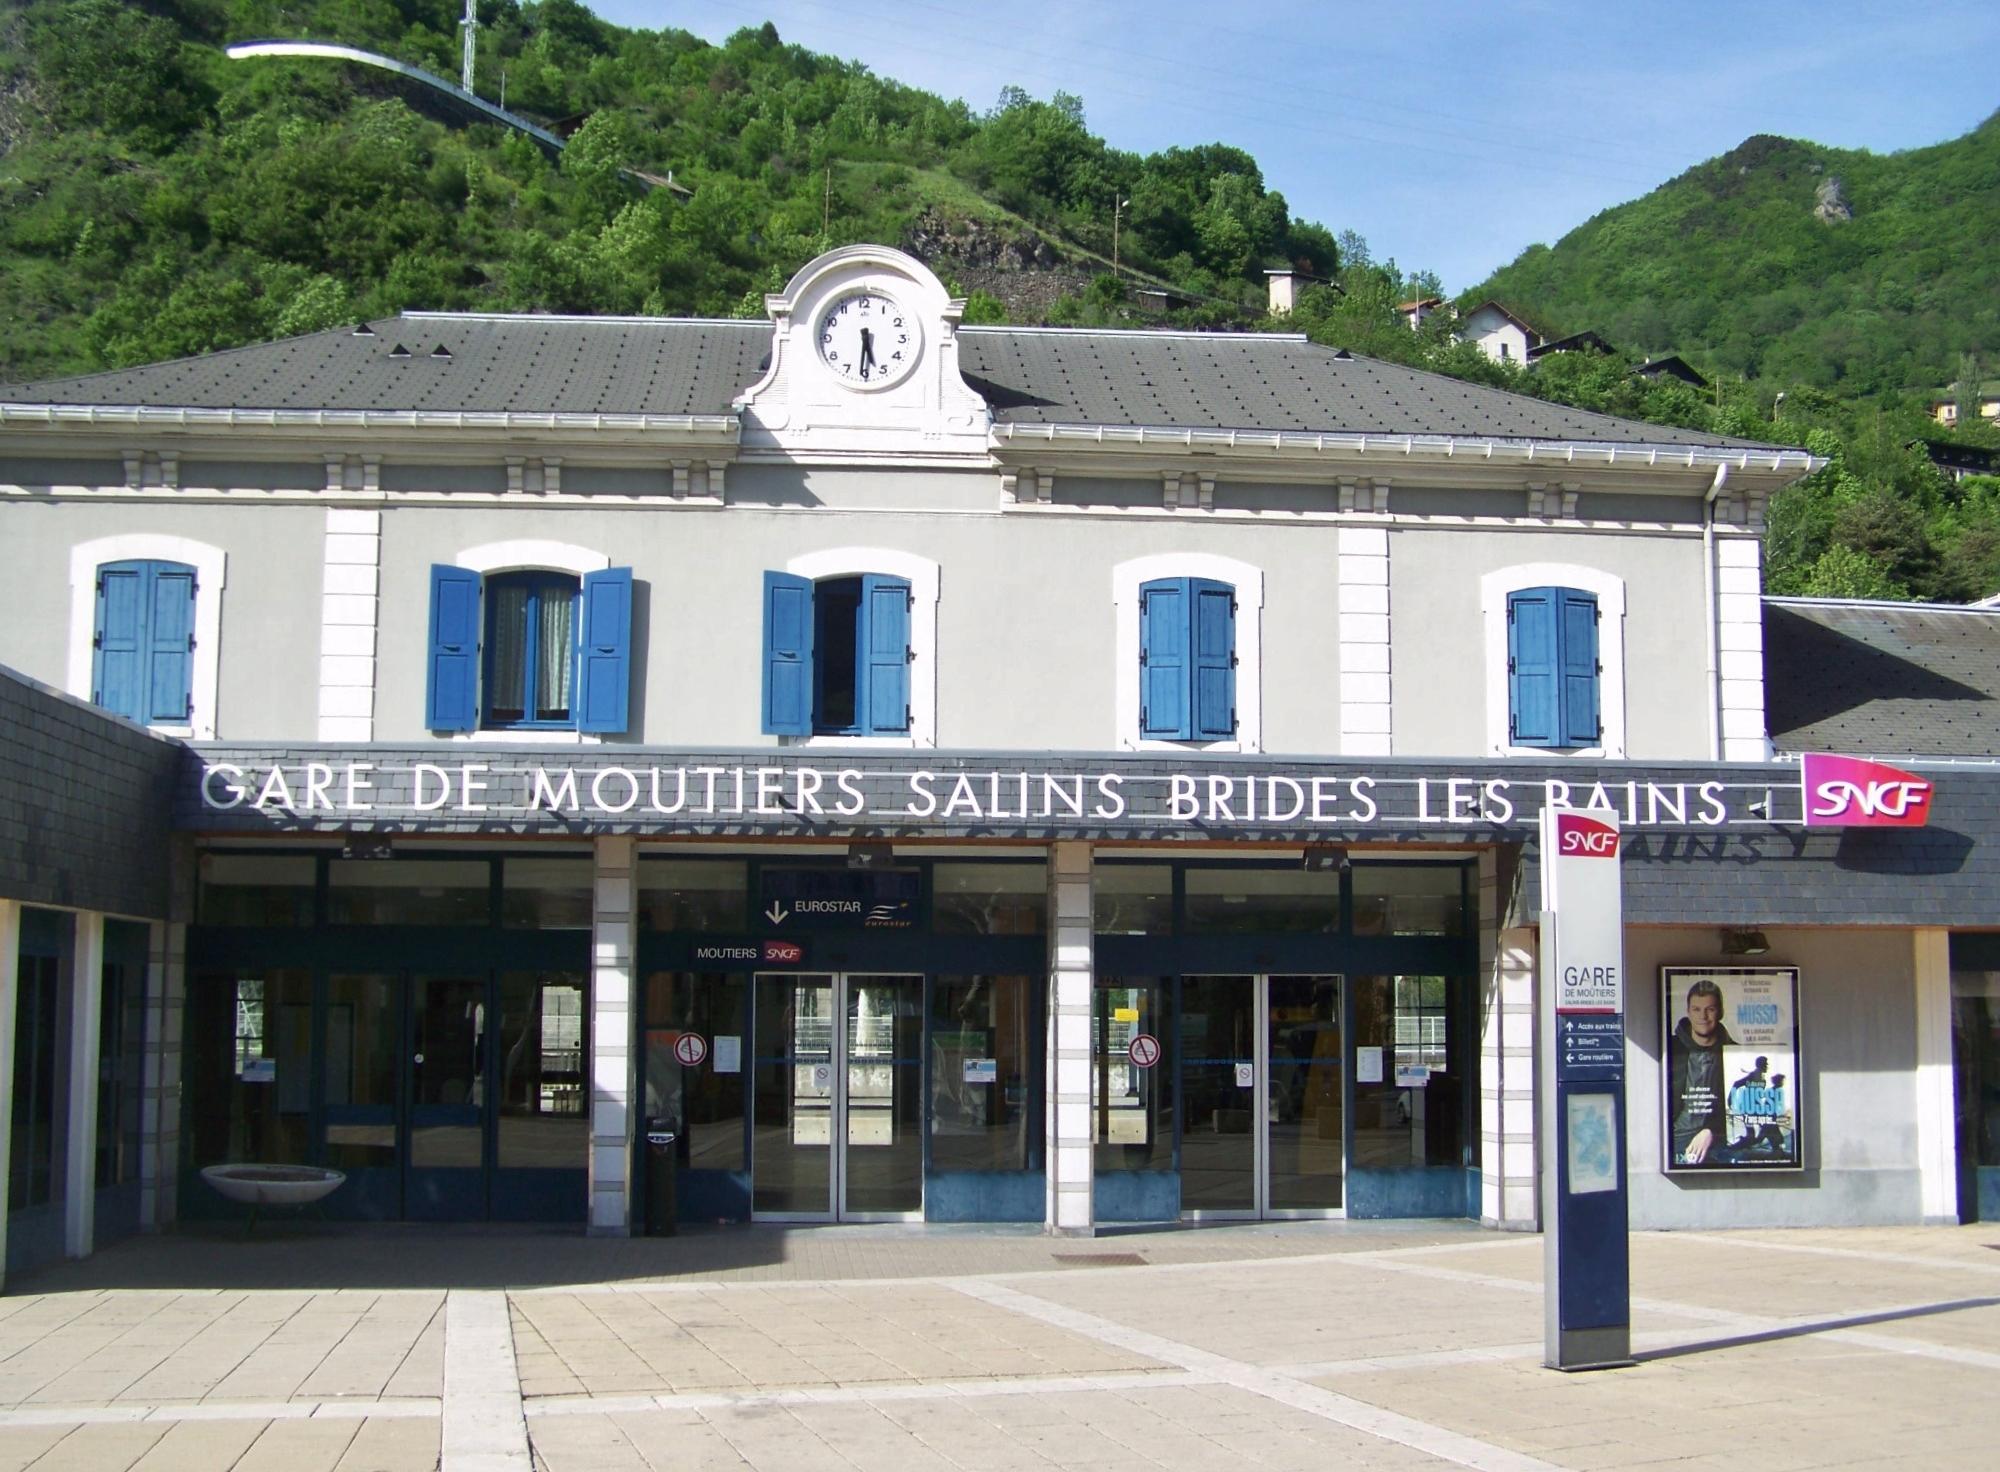 Brides-les-Bains